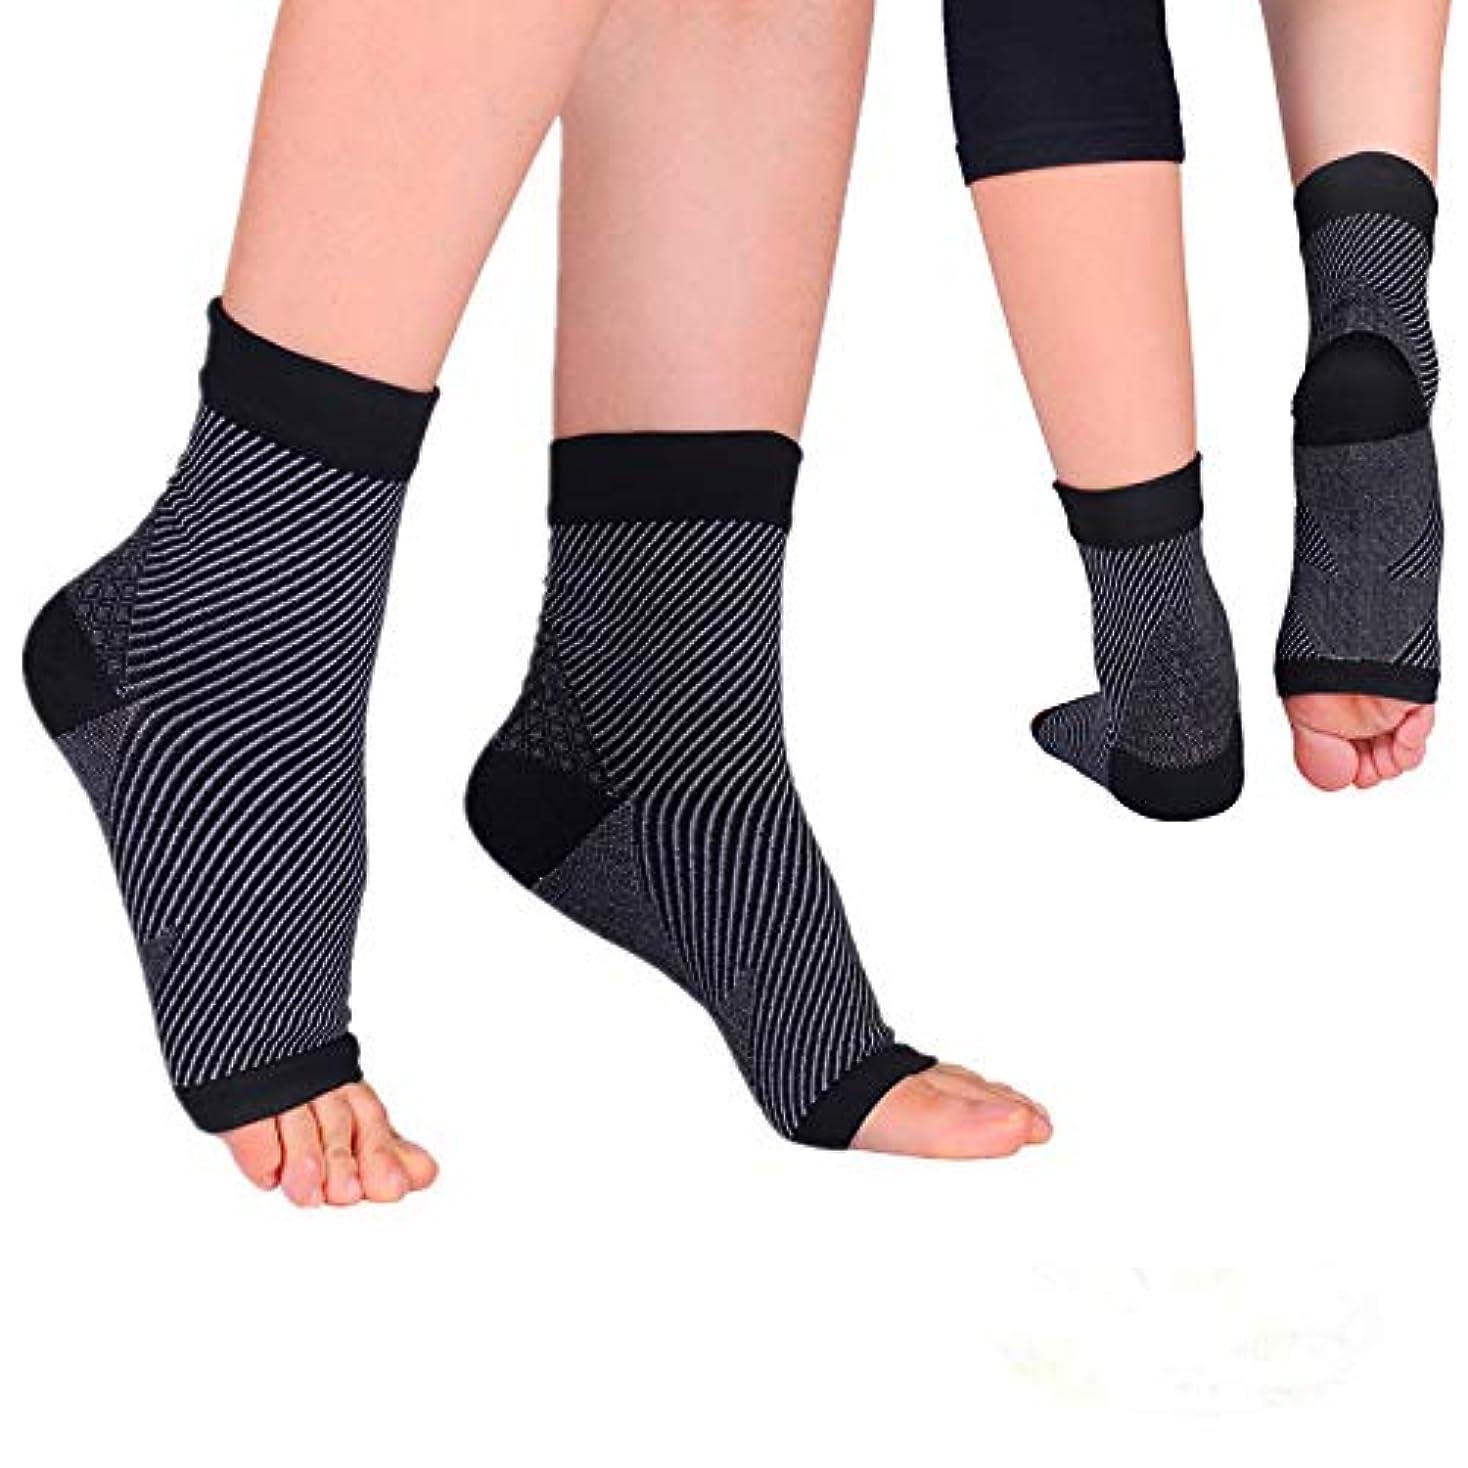 ボーナス行政同等の通気性足首ソックス 足 サポーター 足首固定足の腫れを軽減する-2枚組